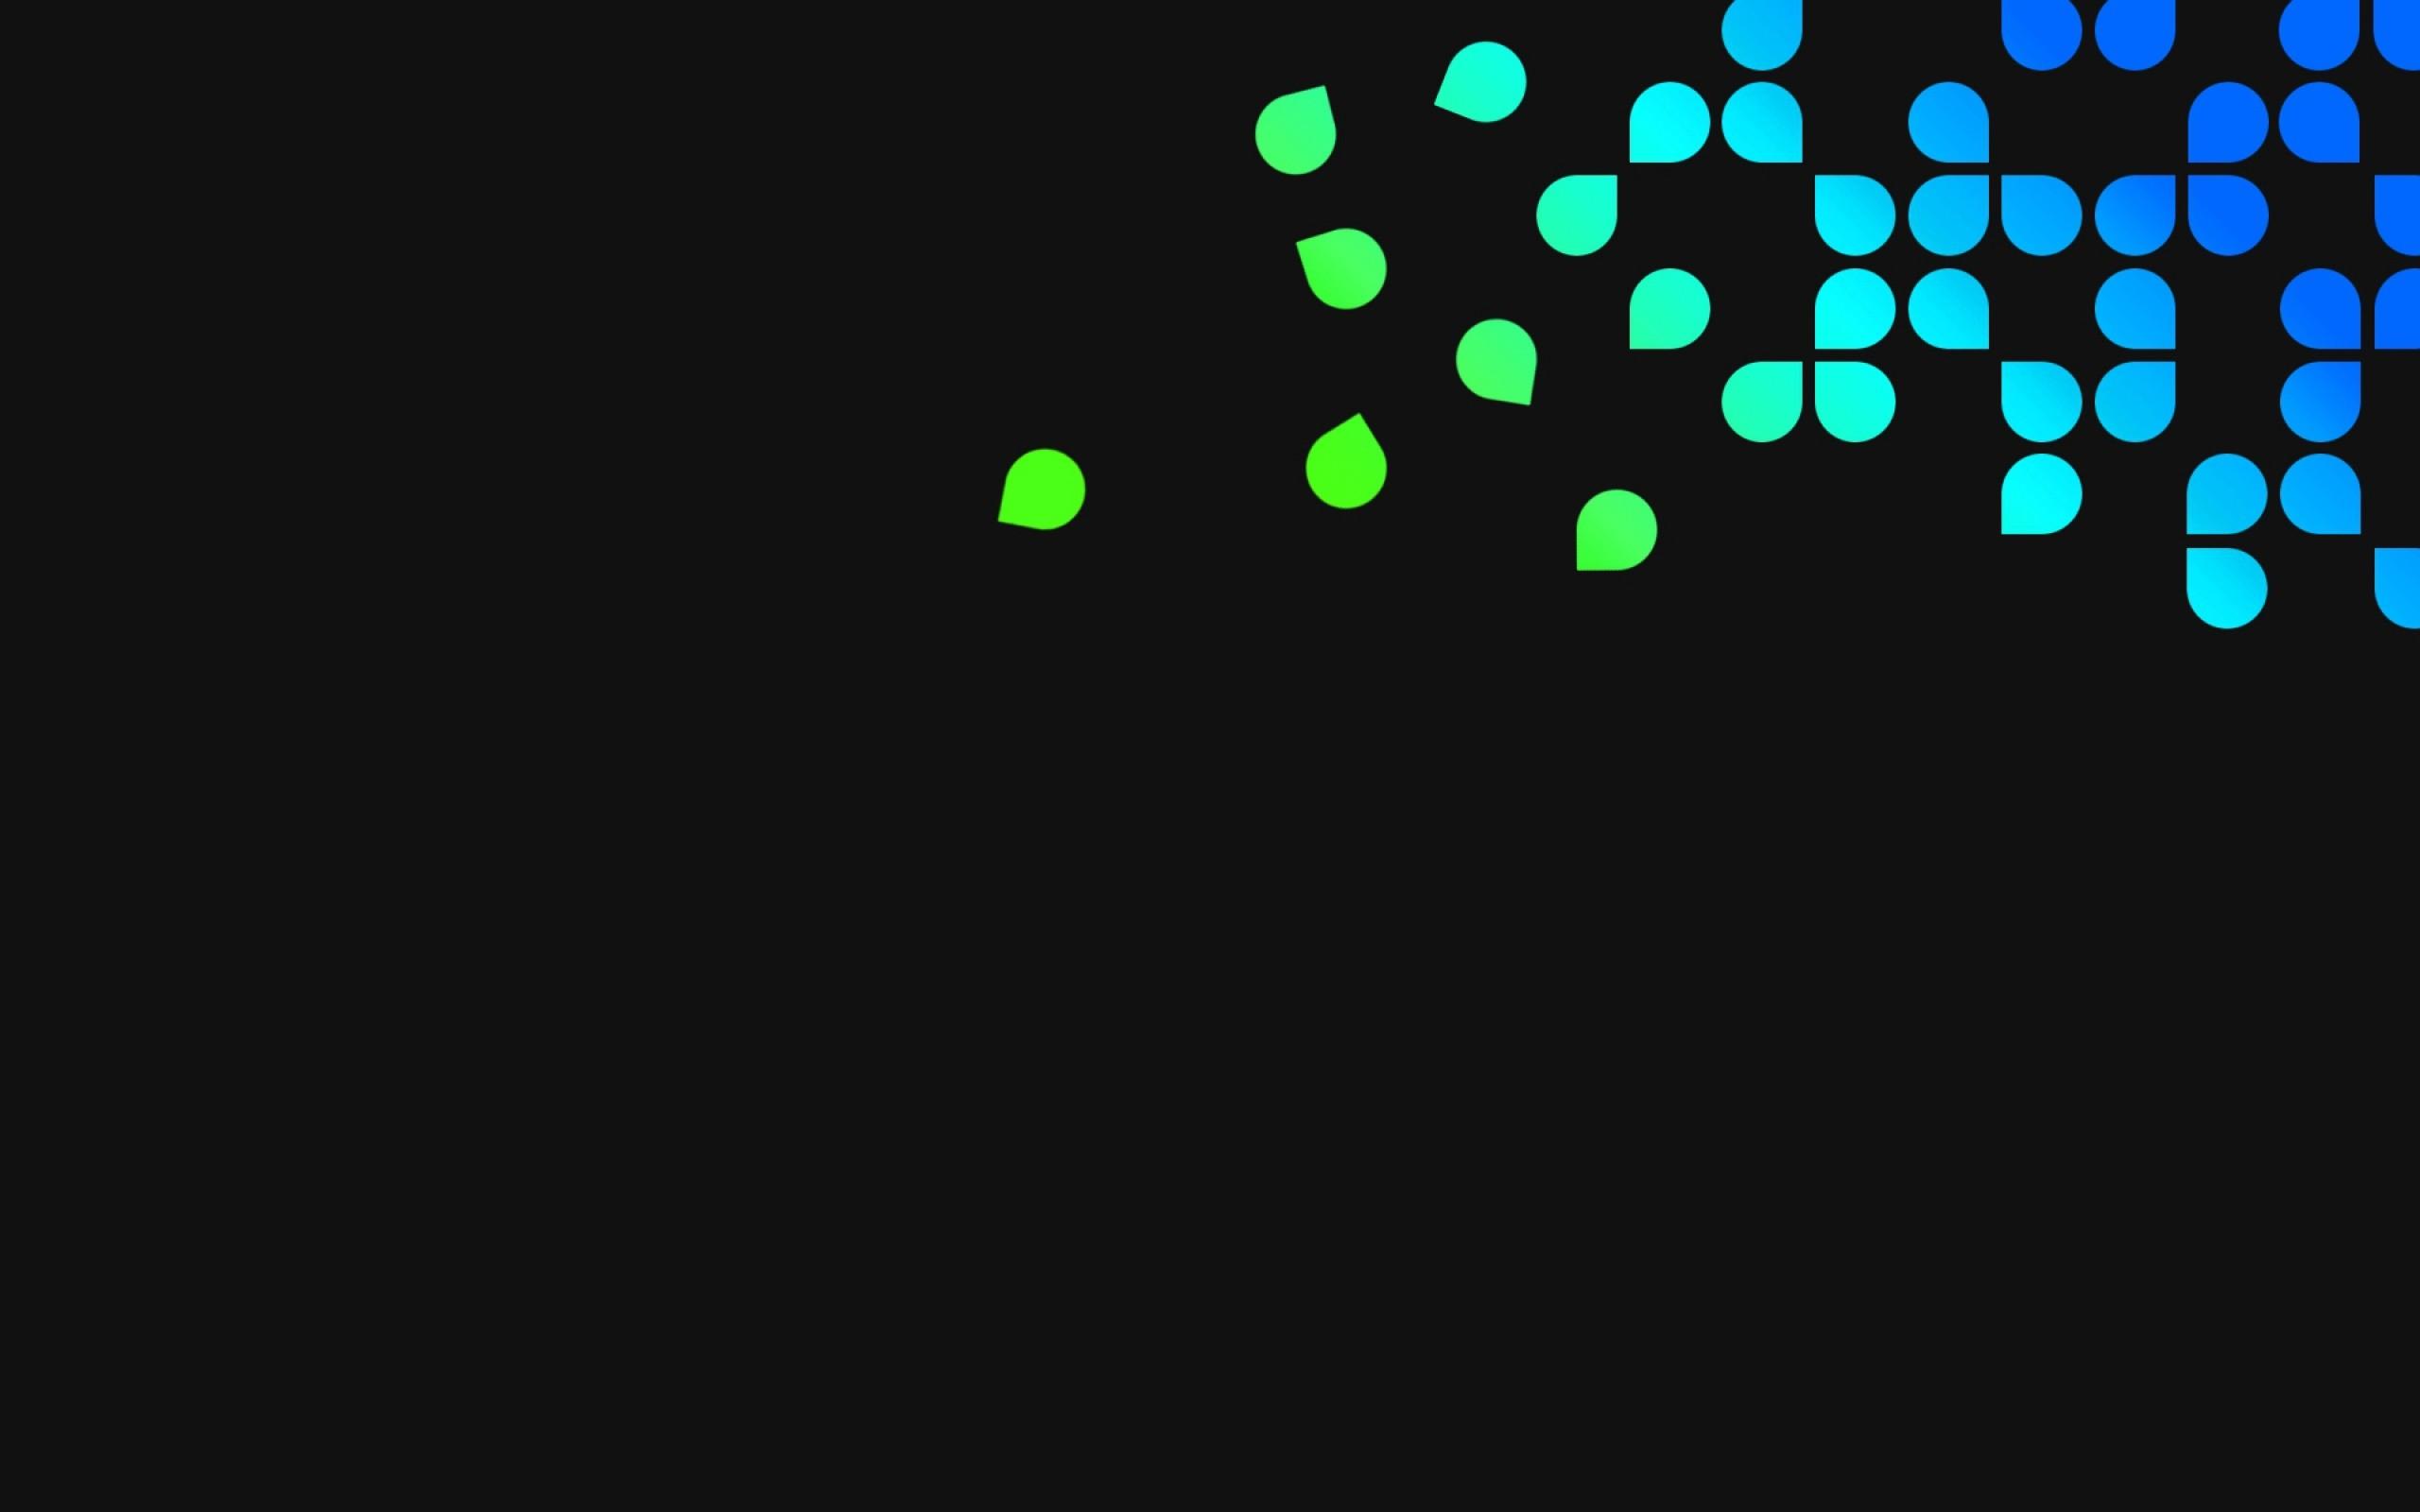 Wallpaper blue, green, black, dots, circles